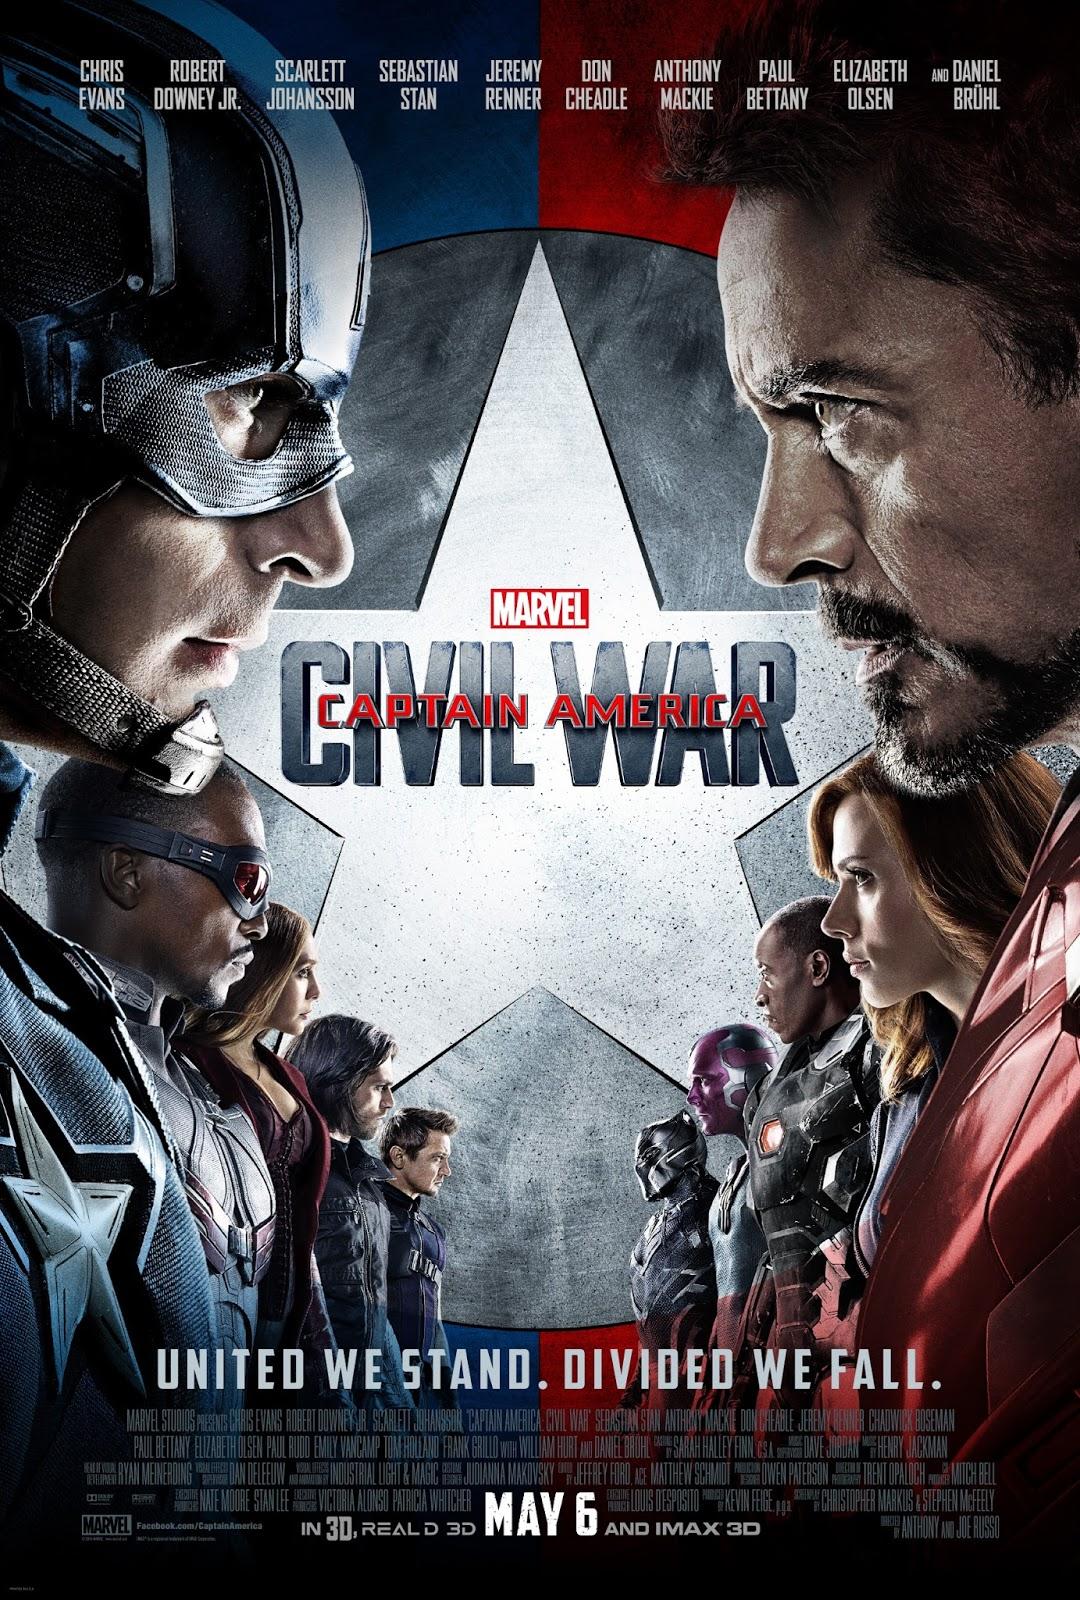 ตัวอย่างหนังใหม่ : Captain America: Civil War (กัปตันอเมริกา : ศึกฮีโร่ระห่ำโลก) ซับไทย poster15